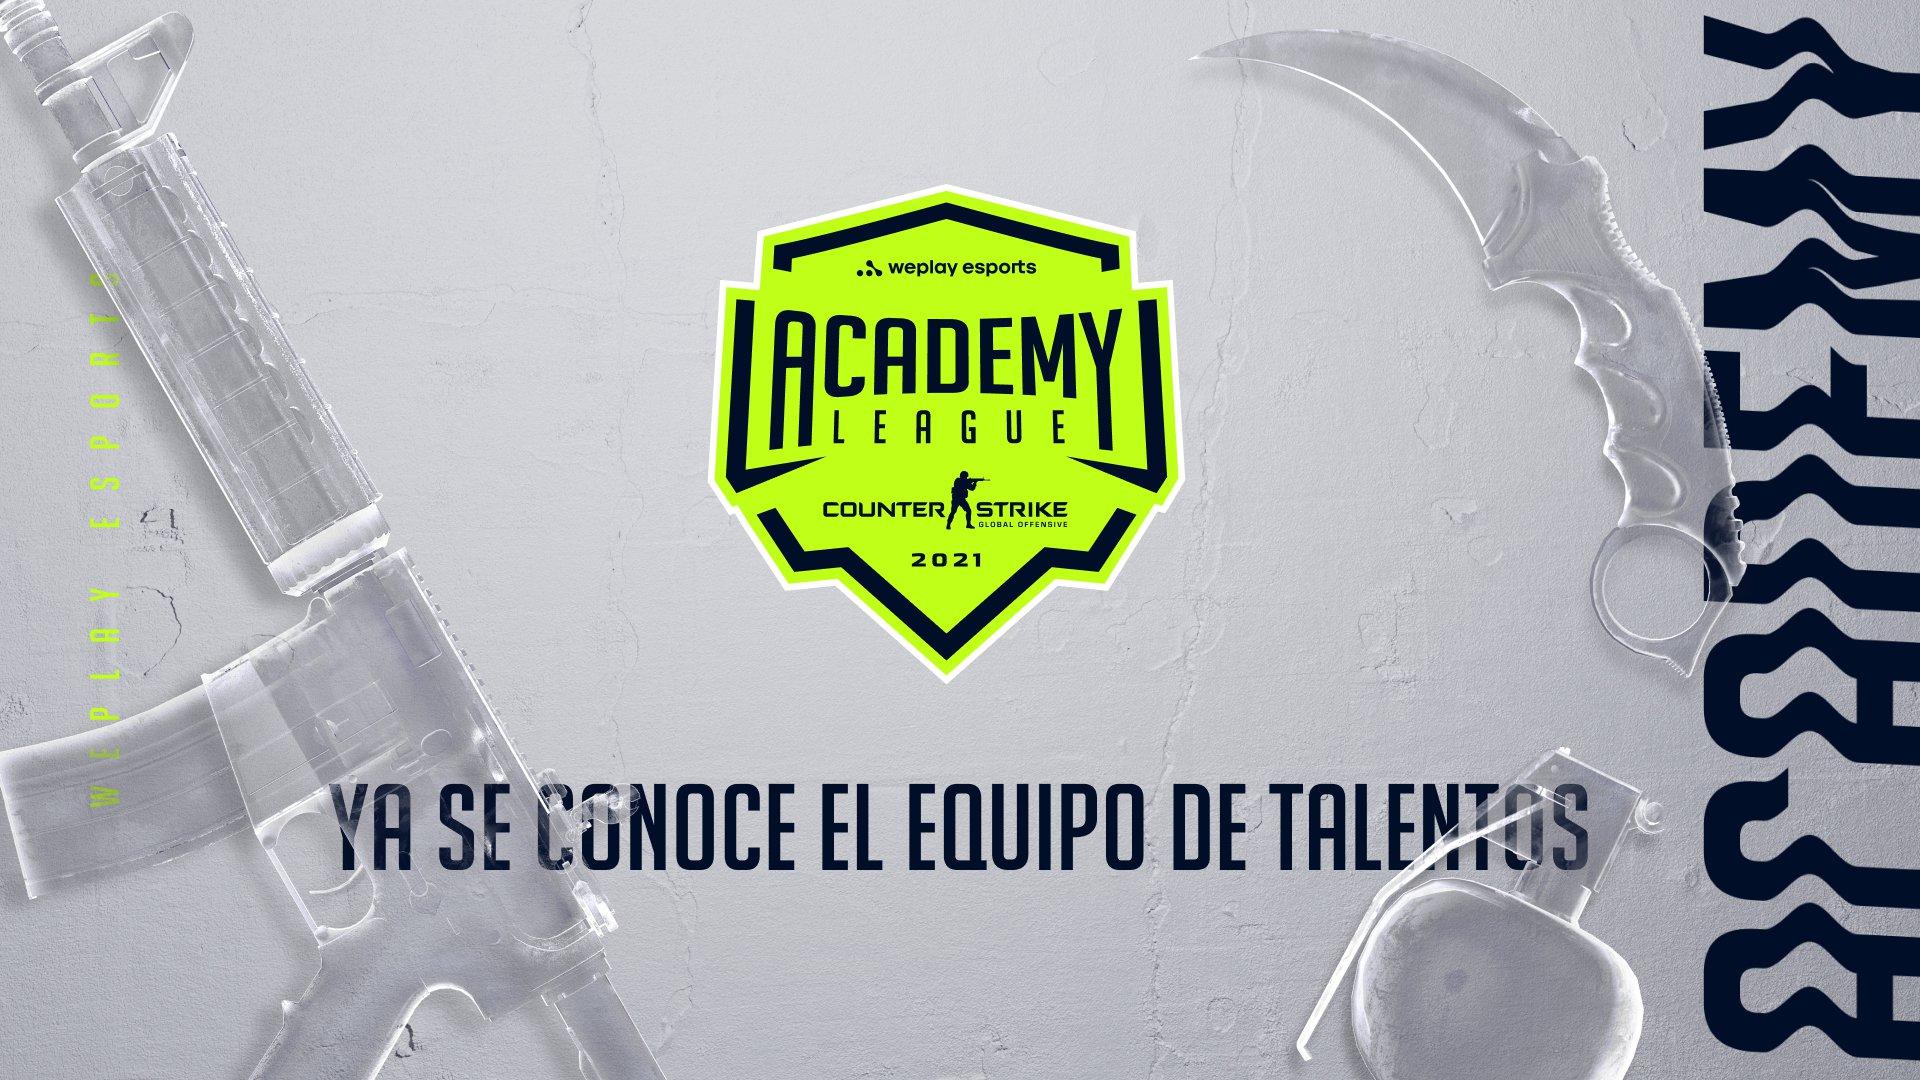 El equipo de talentos de la Temporada 1 de la WePlay Academy League. Imagen: WePlay Holding